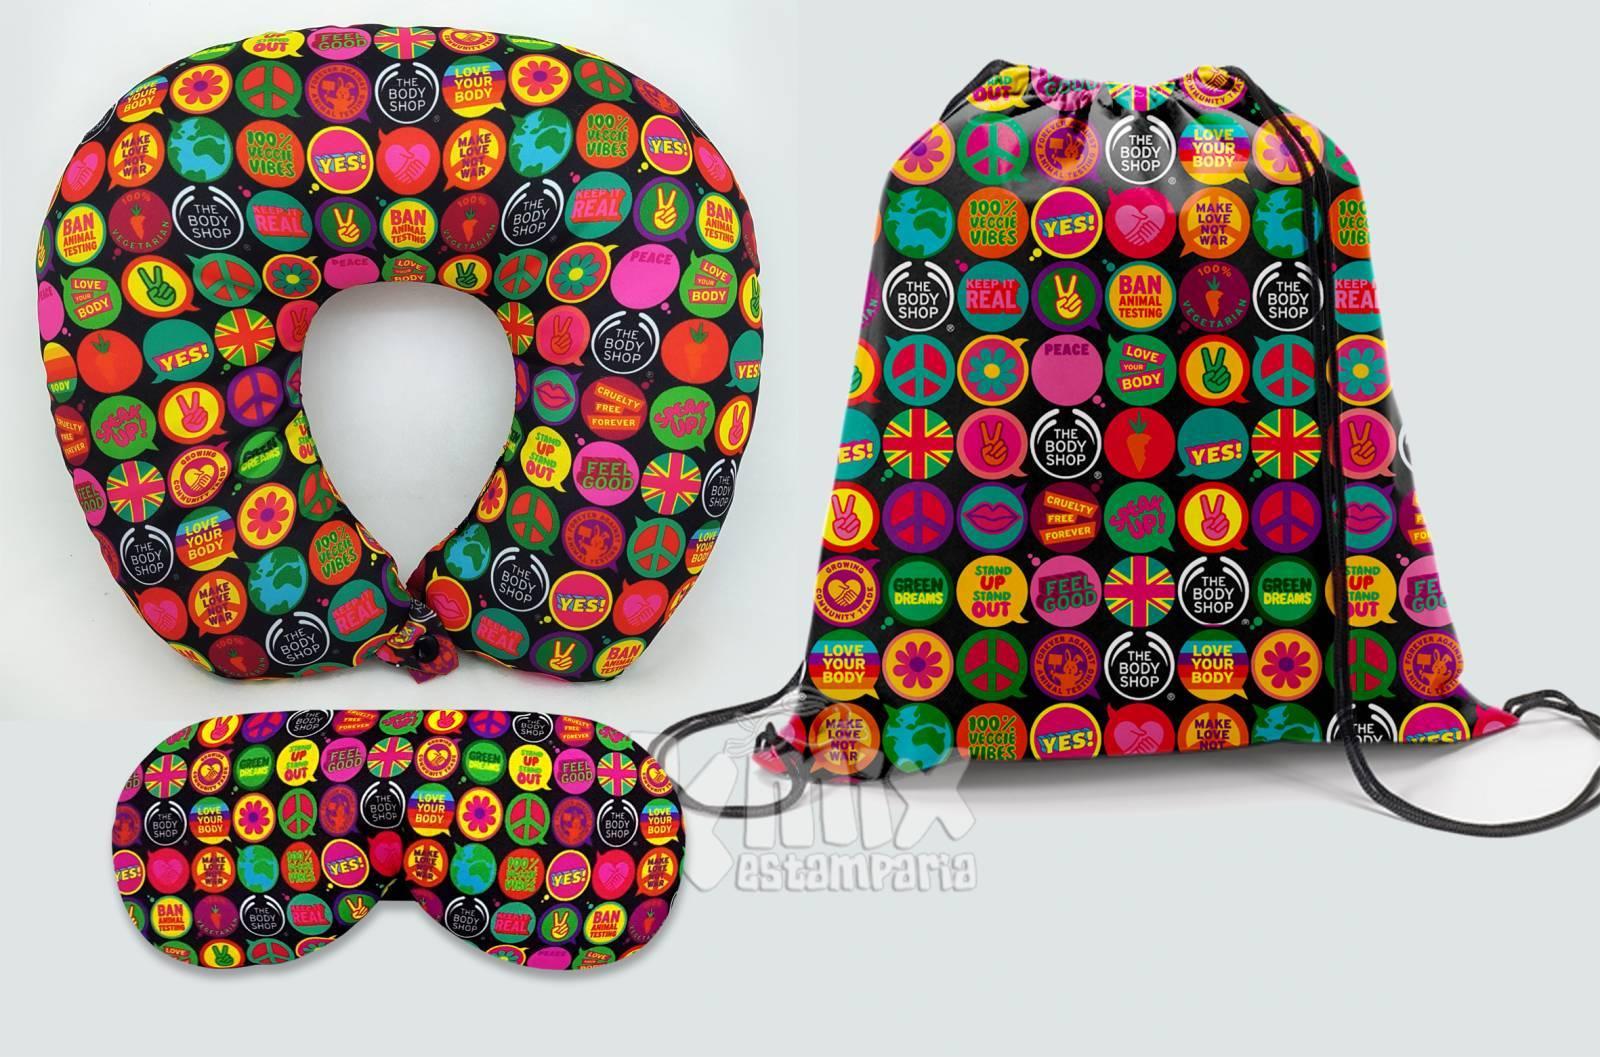 Kit Almofada de pescoço, máscara de dormir e sacola 37x41 cm - kmix estamparia